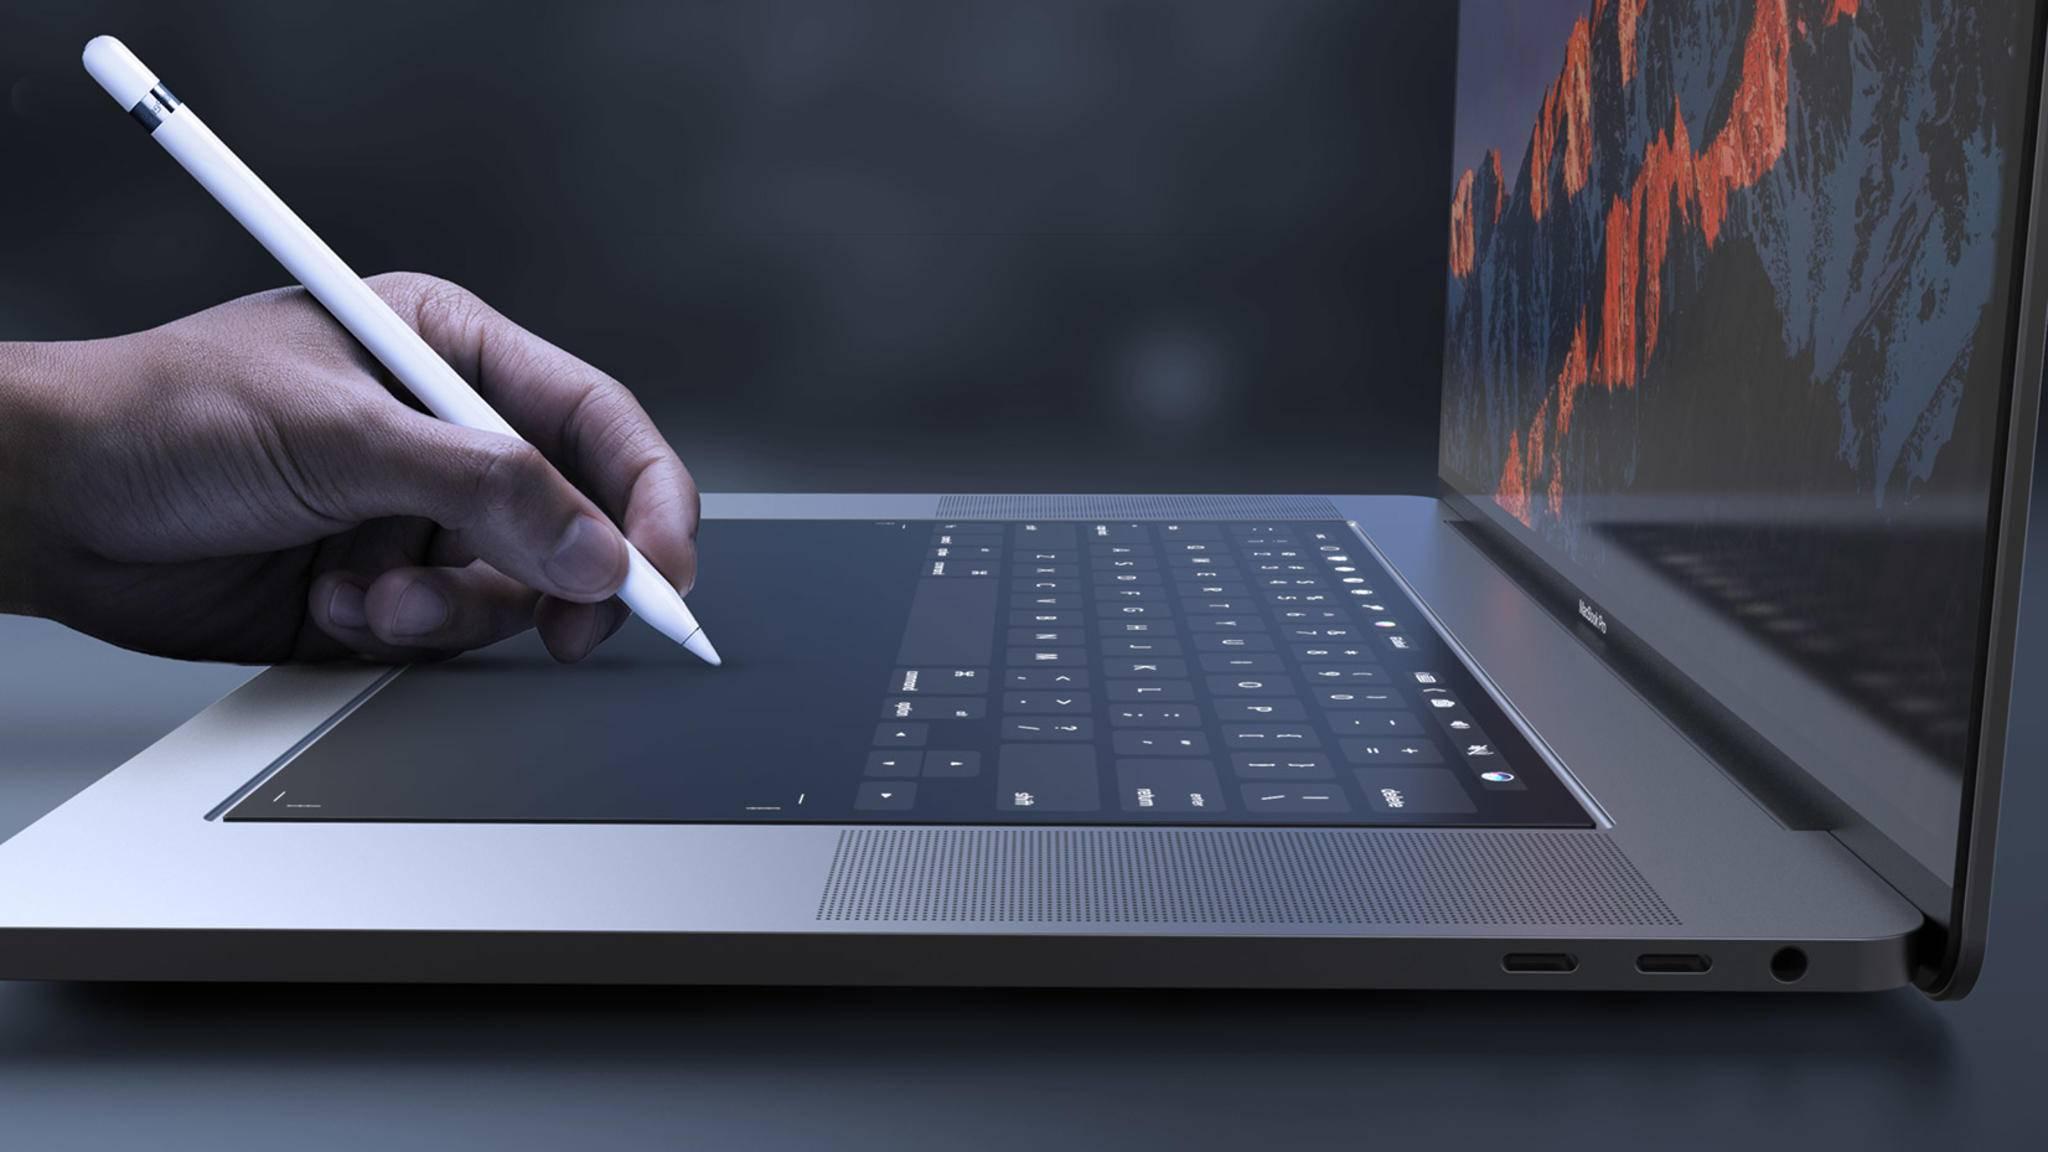 macbook-concept